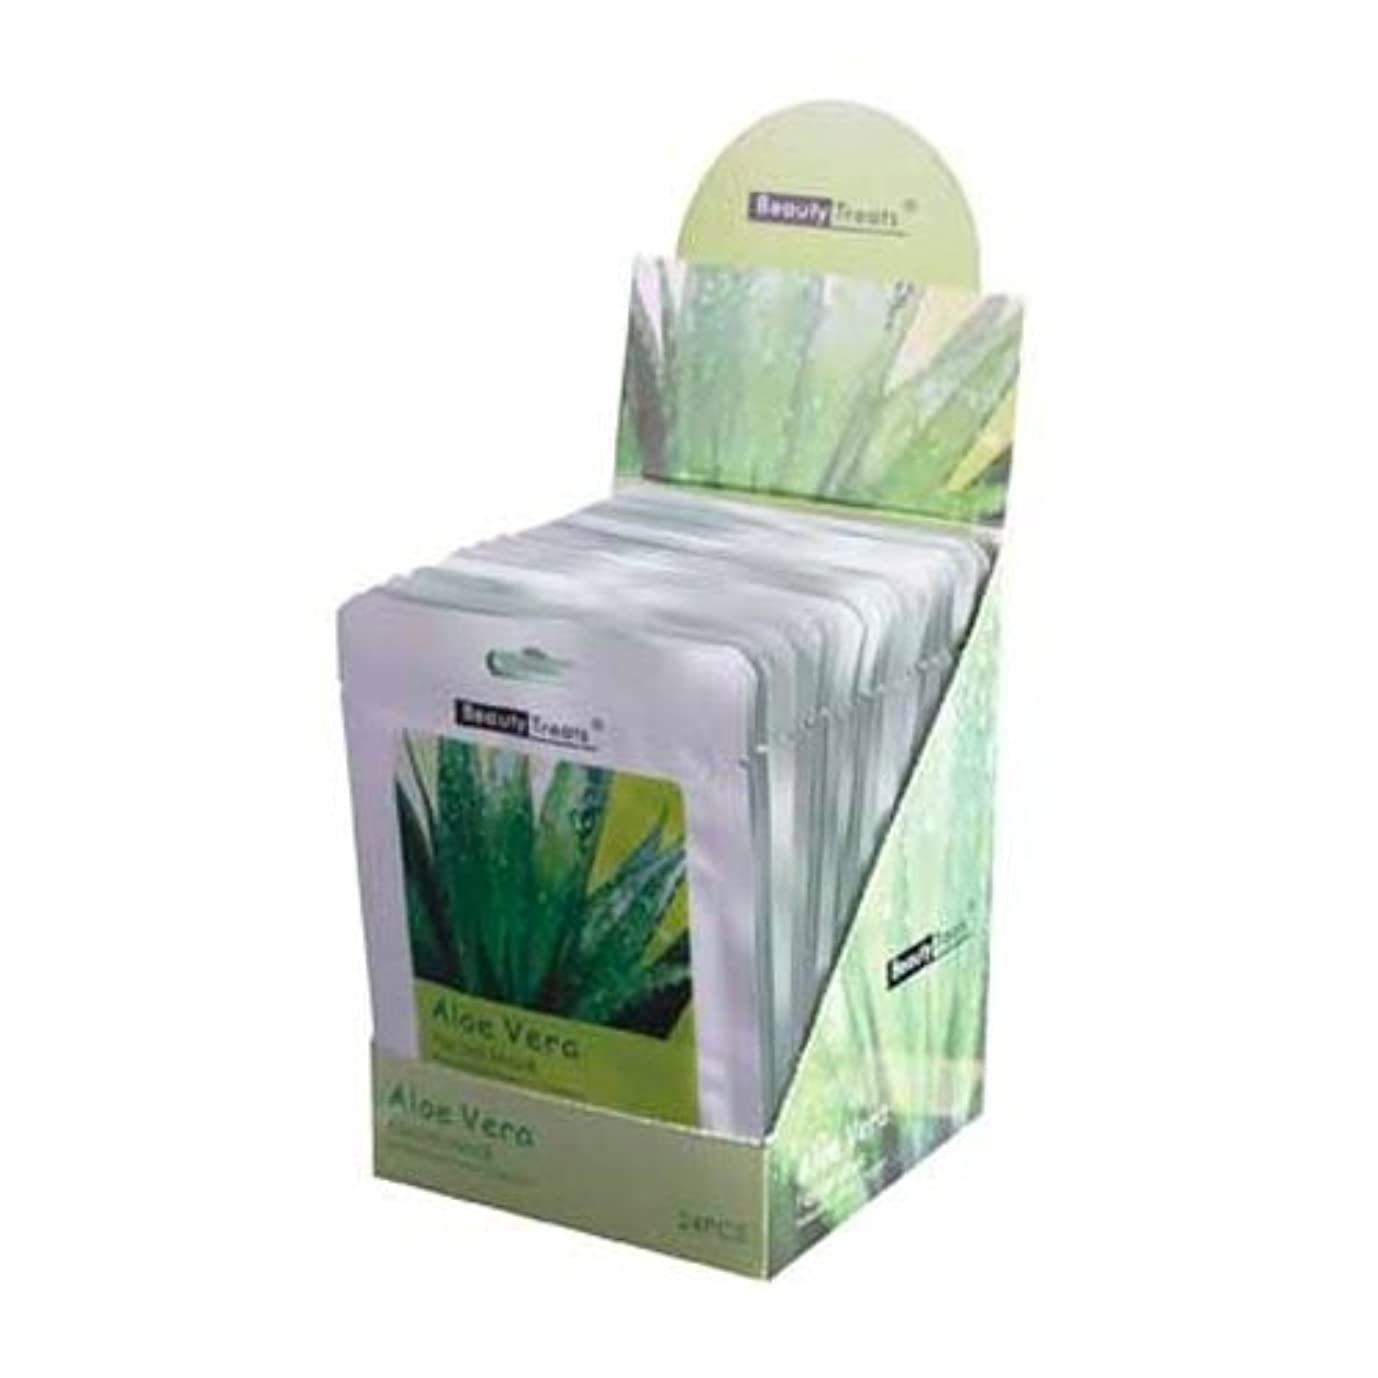 思慮深い稼ぐ五十BEAUTY TREATS Facial Mask Refreshing Vitamin C Solution - Aloe Vera - Display Box 24 Pieces (並行輸入品)